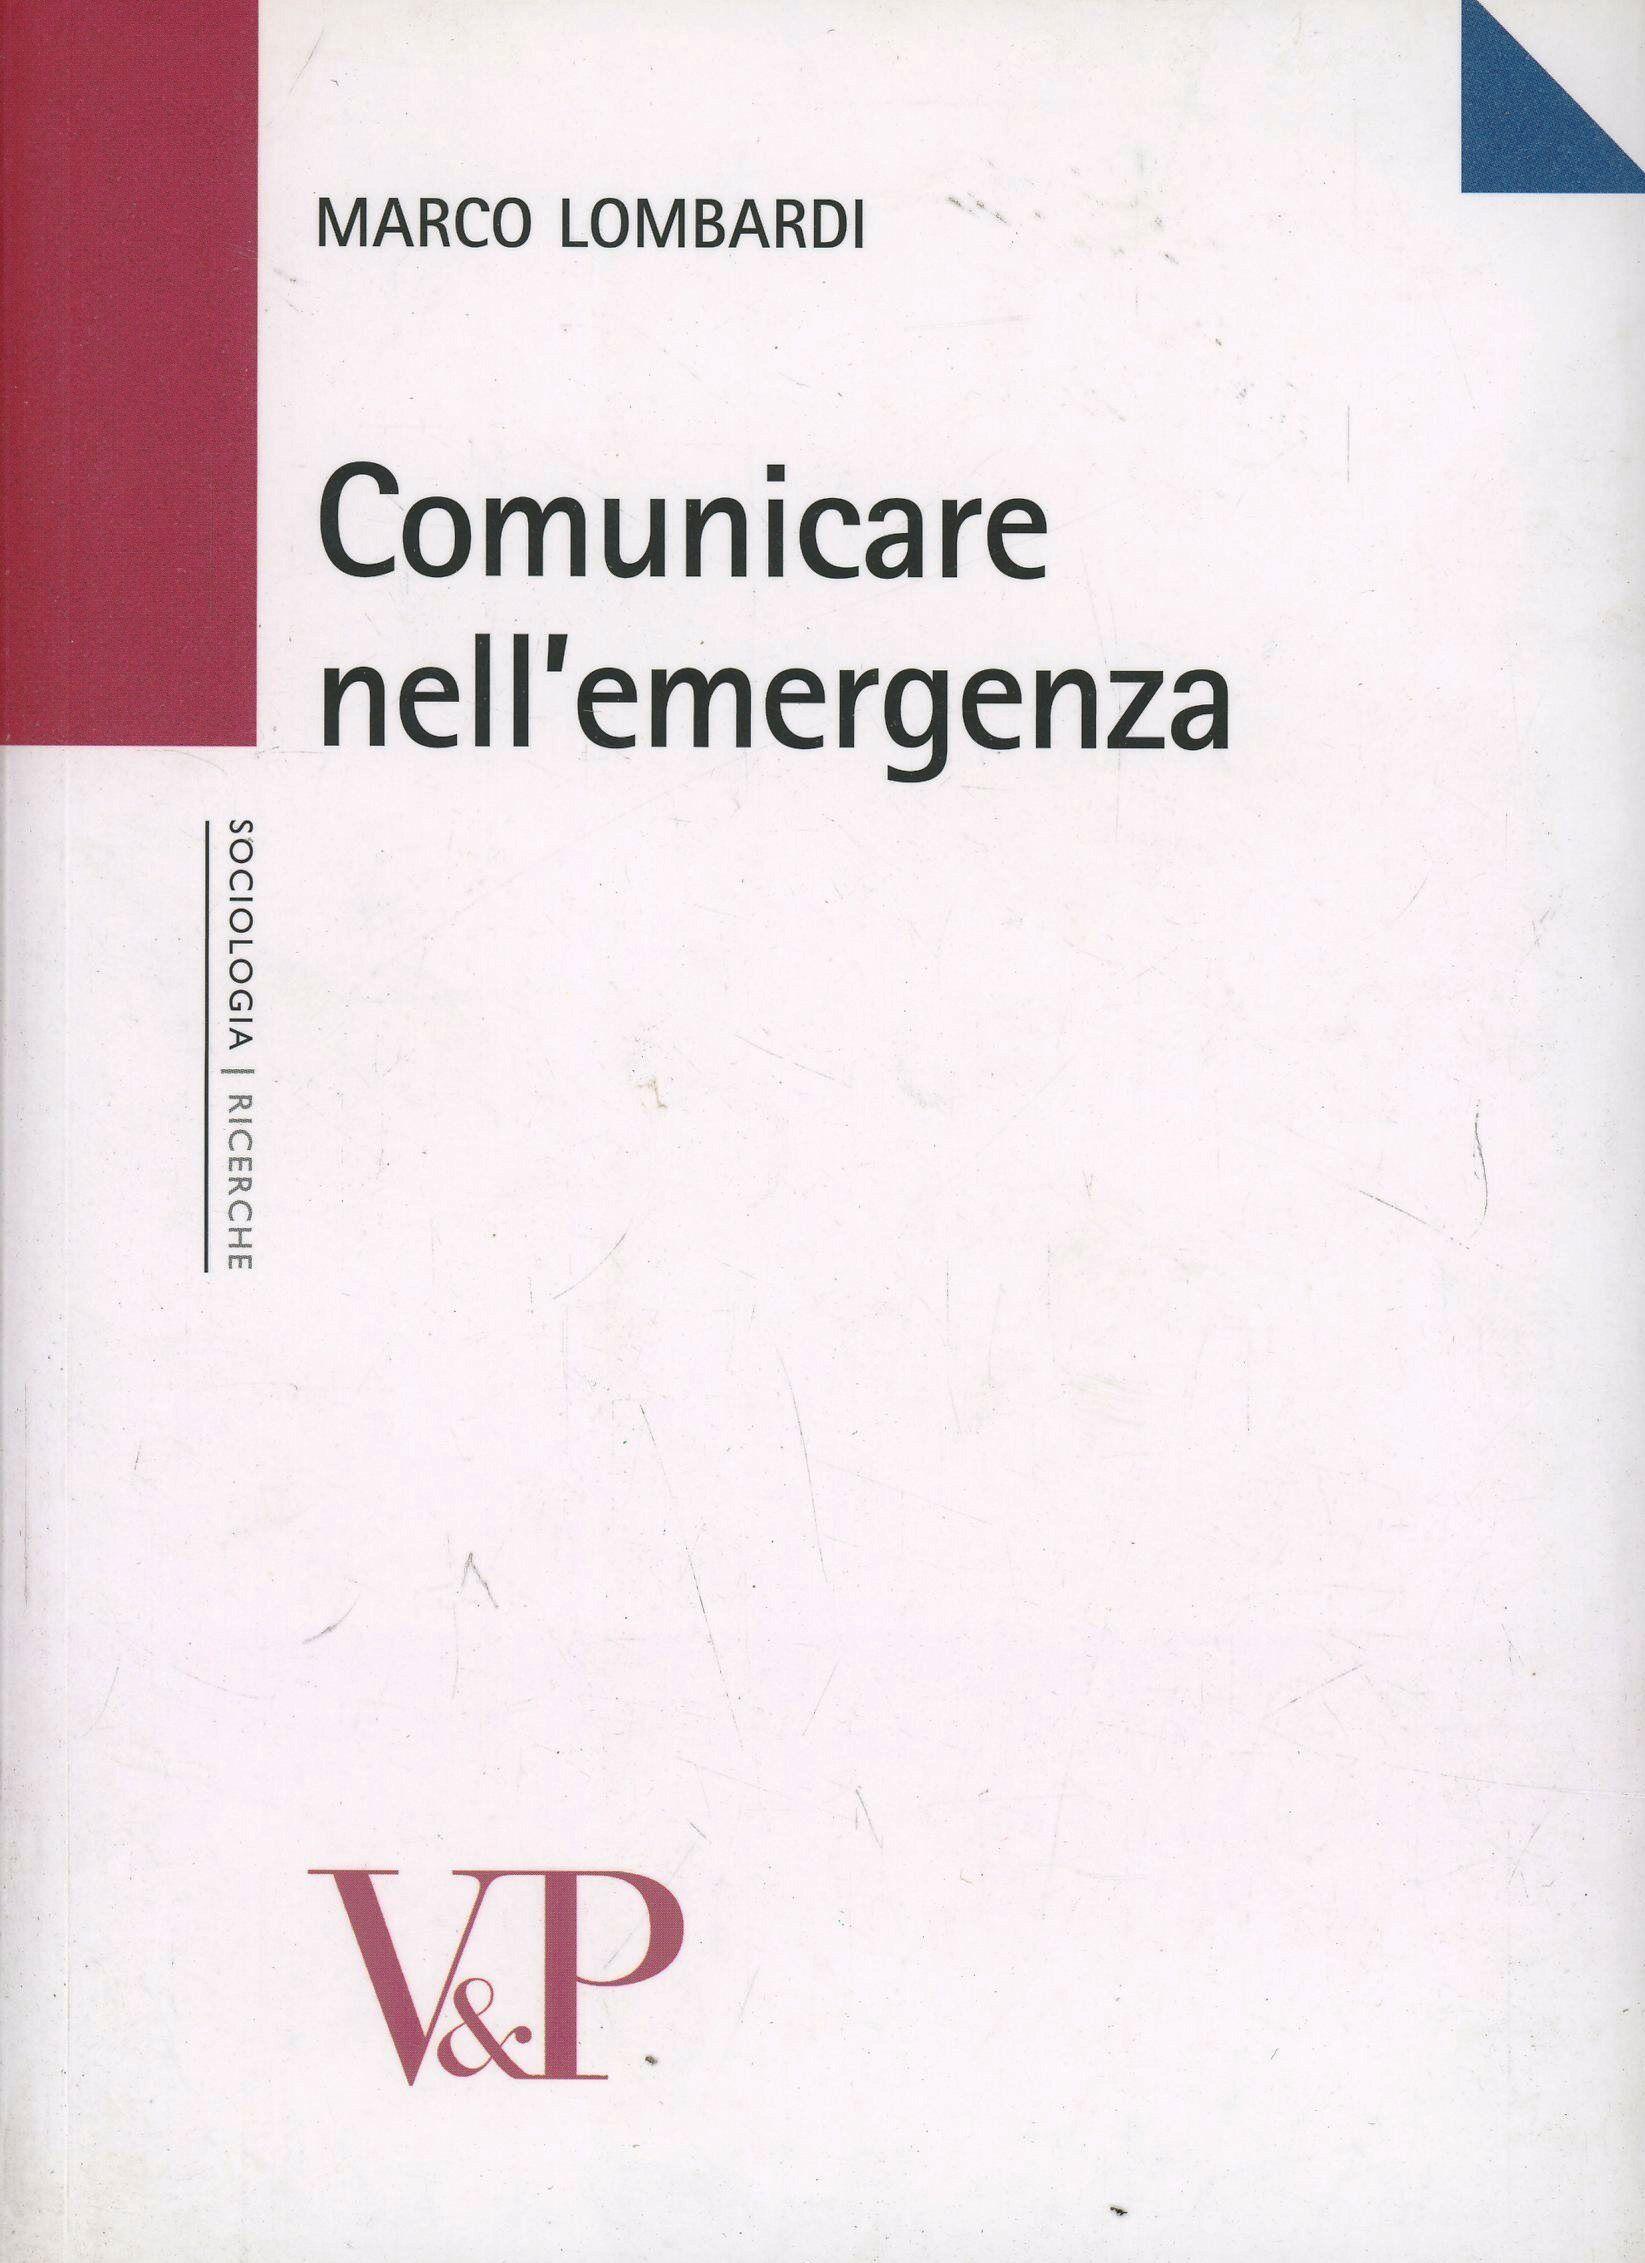 Comunicare nell'emergenza